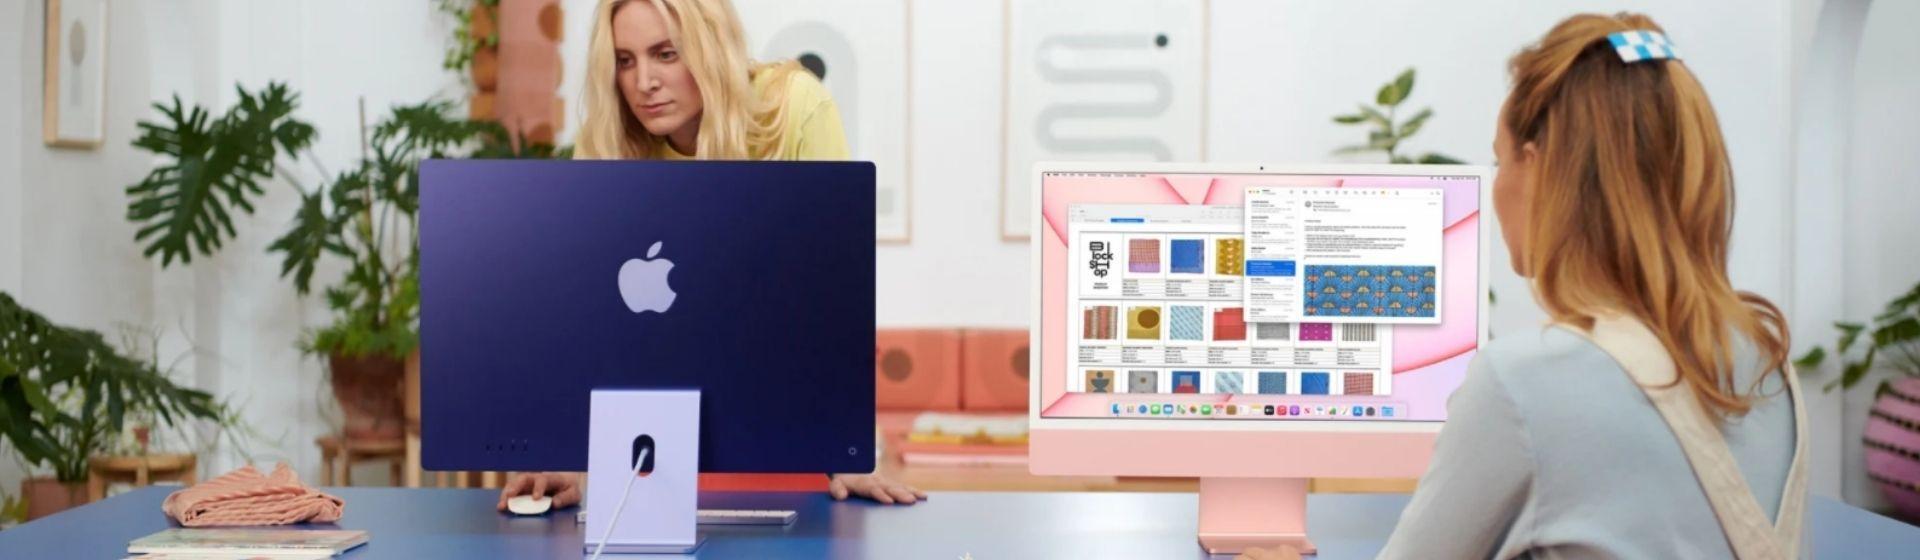 O iMac 24'' colorido com M1 vale a pena? Análise do desktop Apple